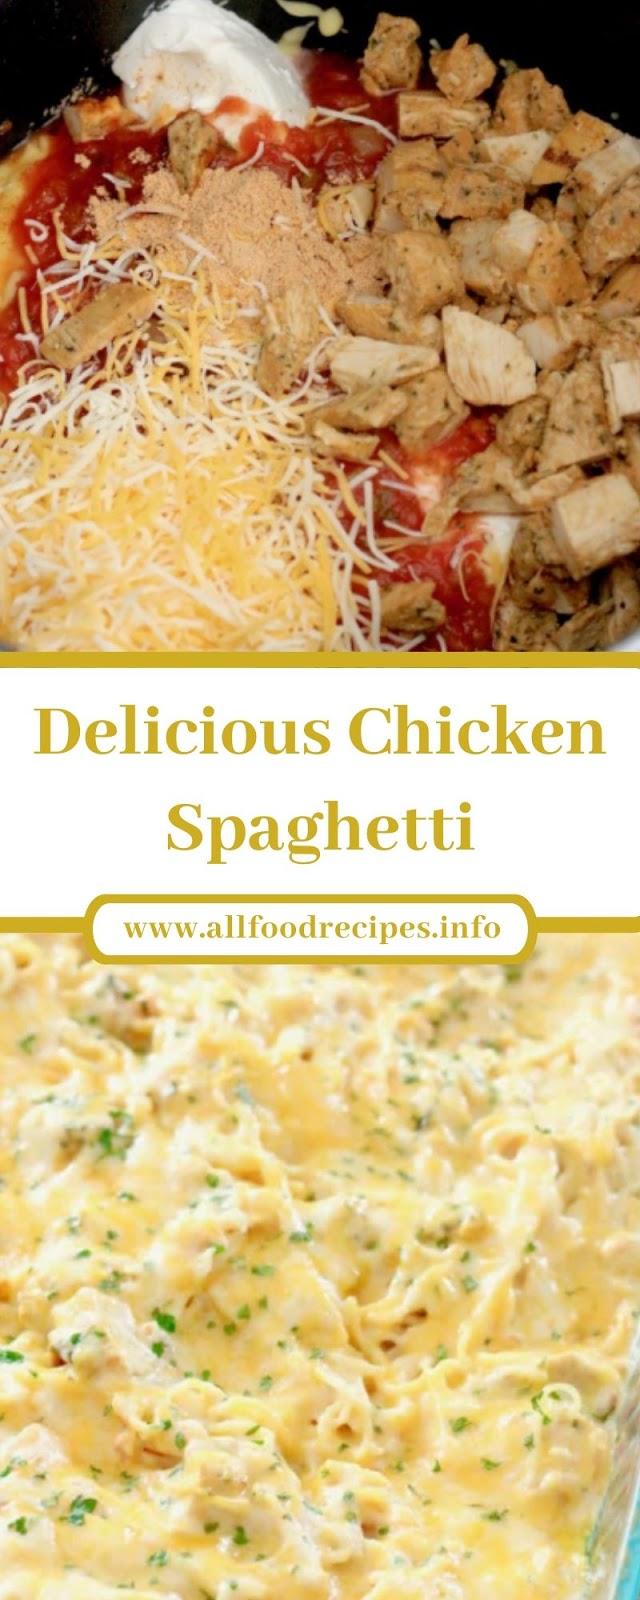 Delicious Chicken Spaghetti